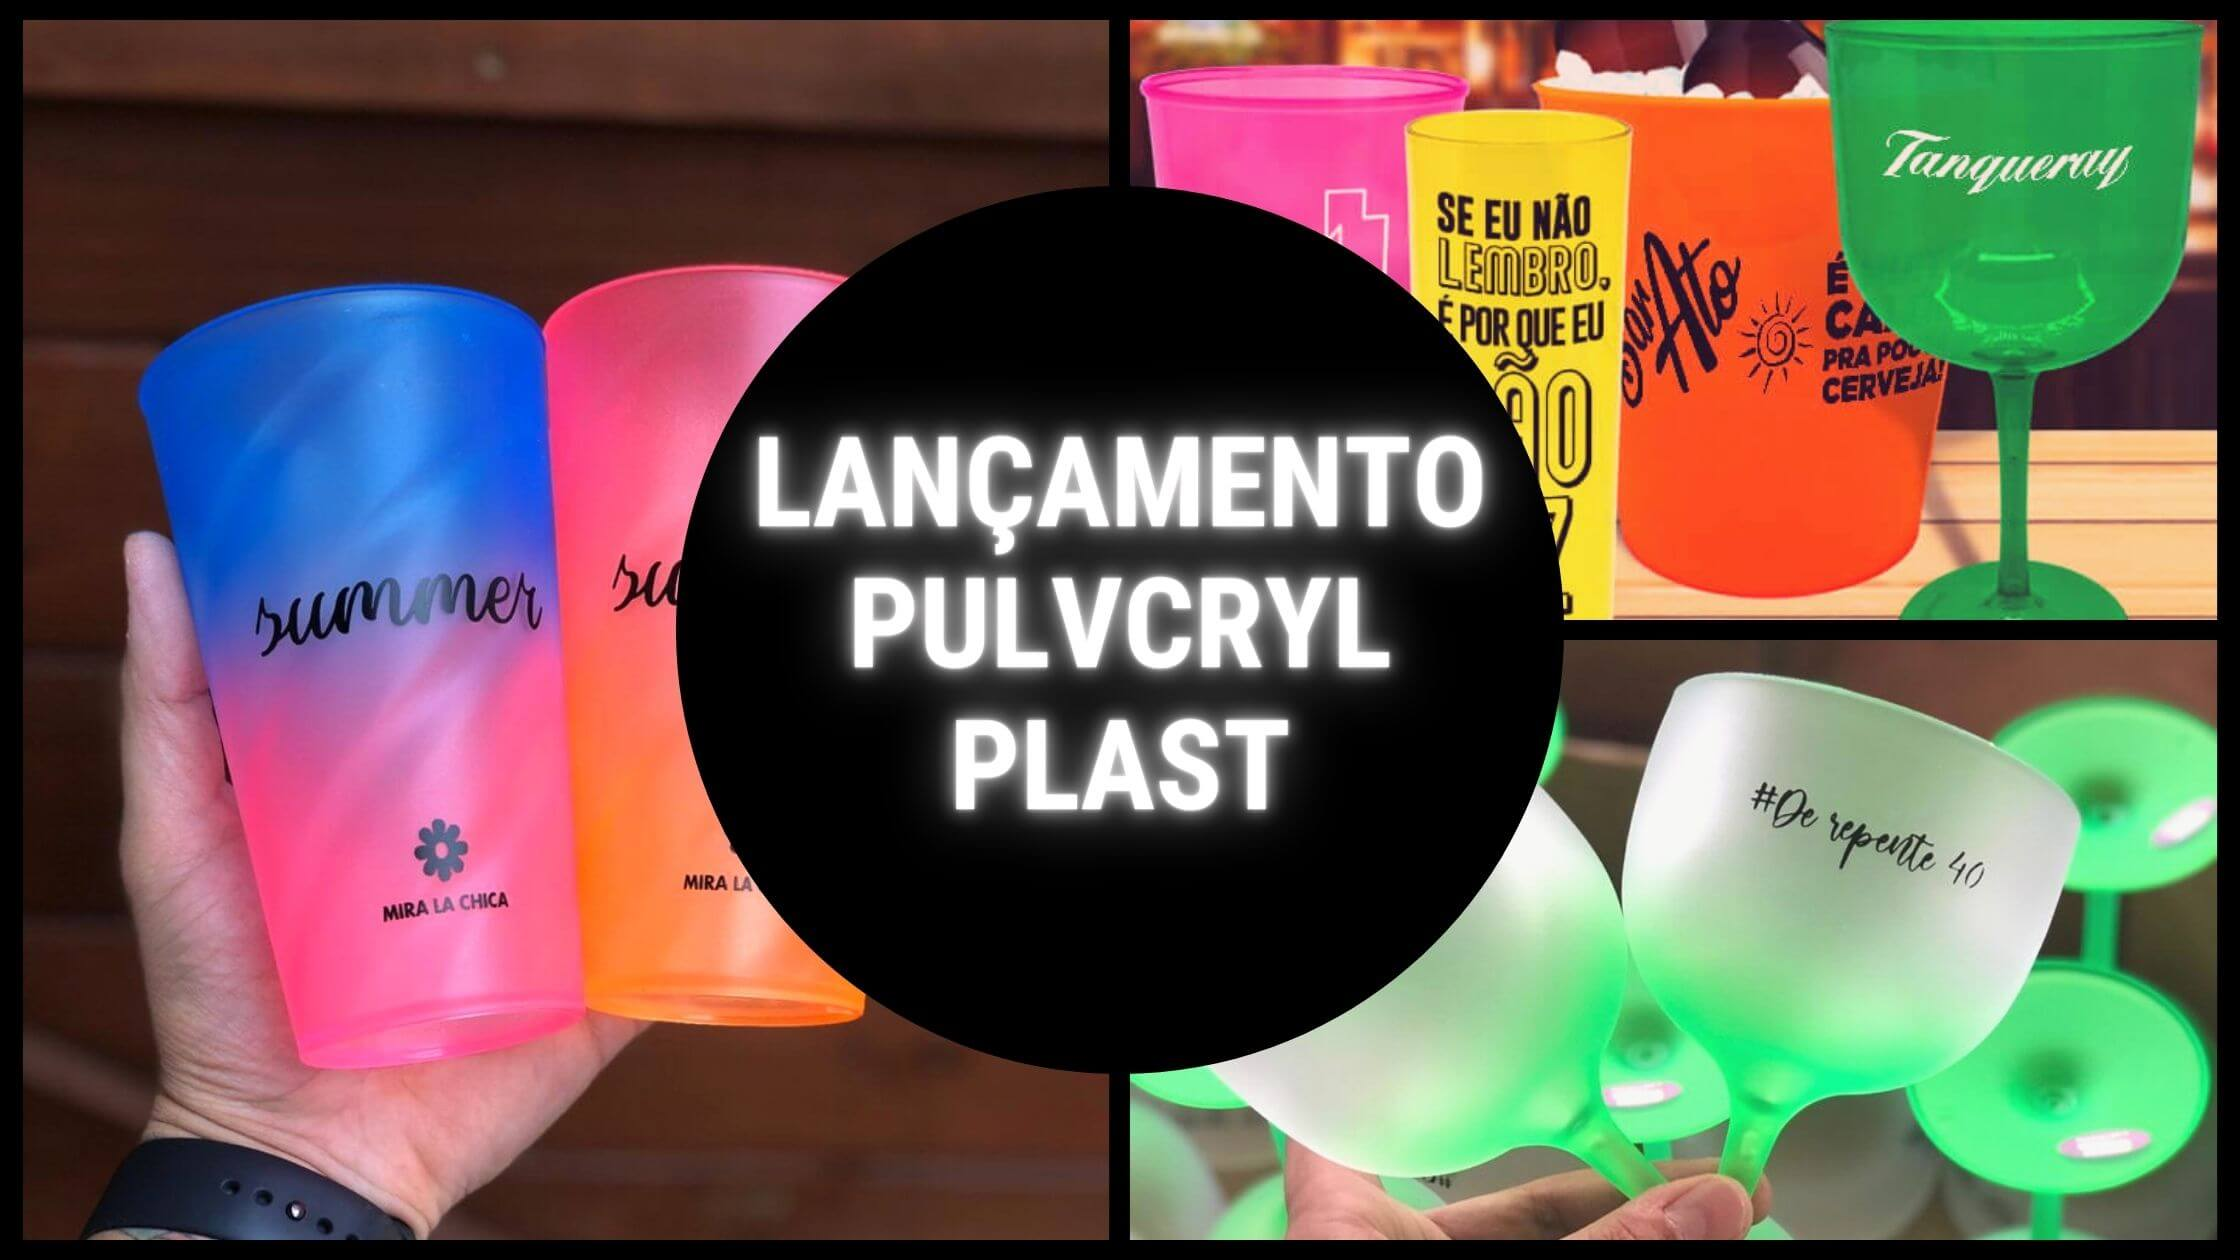 PULVCRYL PLAST